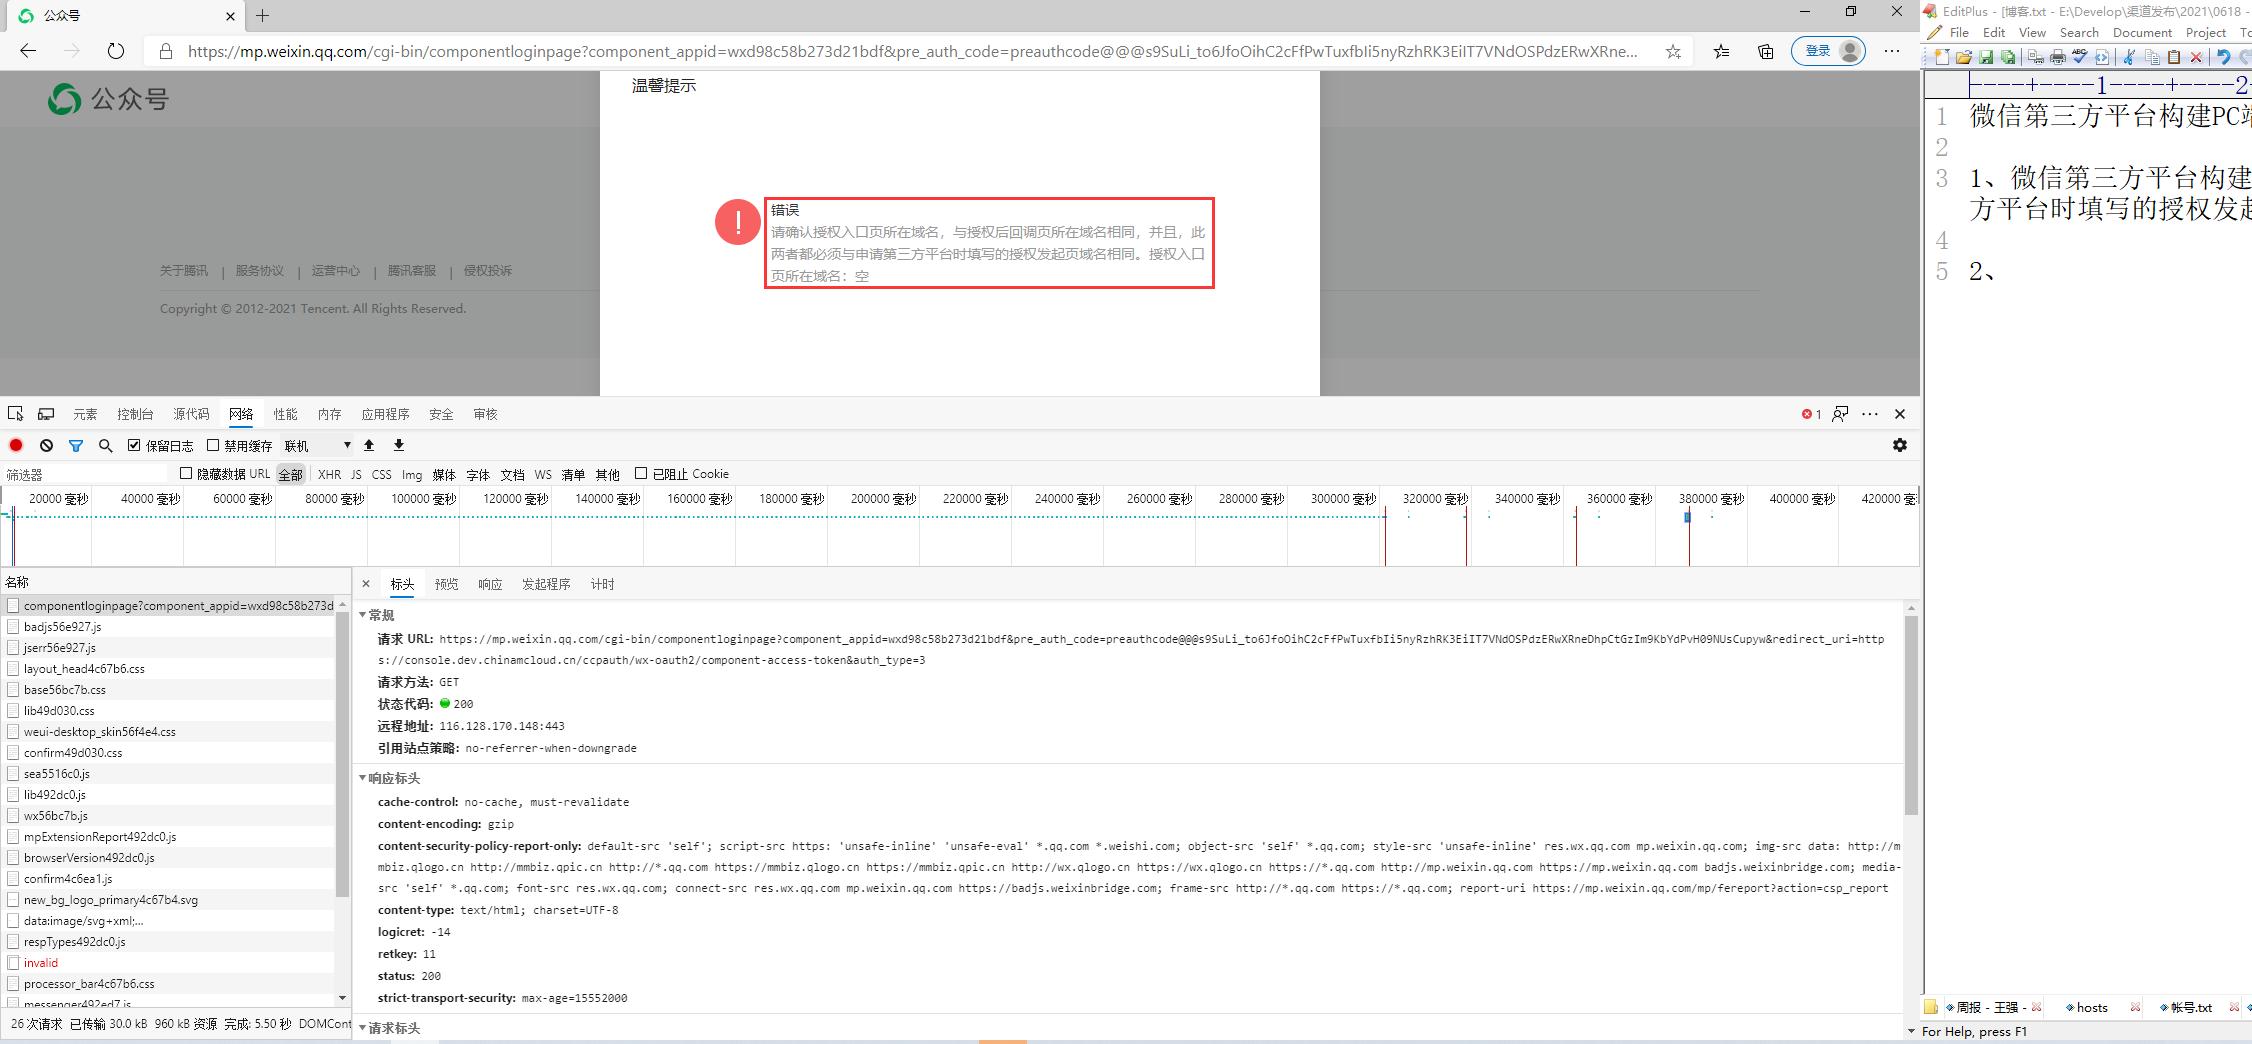 微信第三方平台构建PC端授权链接,直接打开报错:错误 请确认授权入口页所在域名,与授权后回调页所在域名相同,并且,此两者都必须与申请第三方平台时填写的授权发起页域名相同。授权入口页所在域名:空。